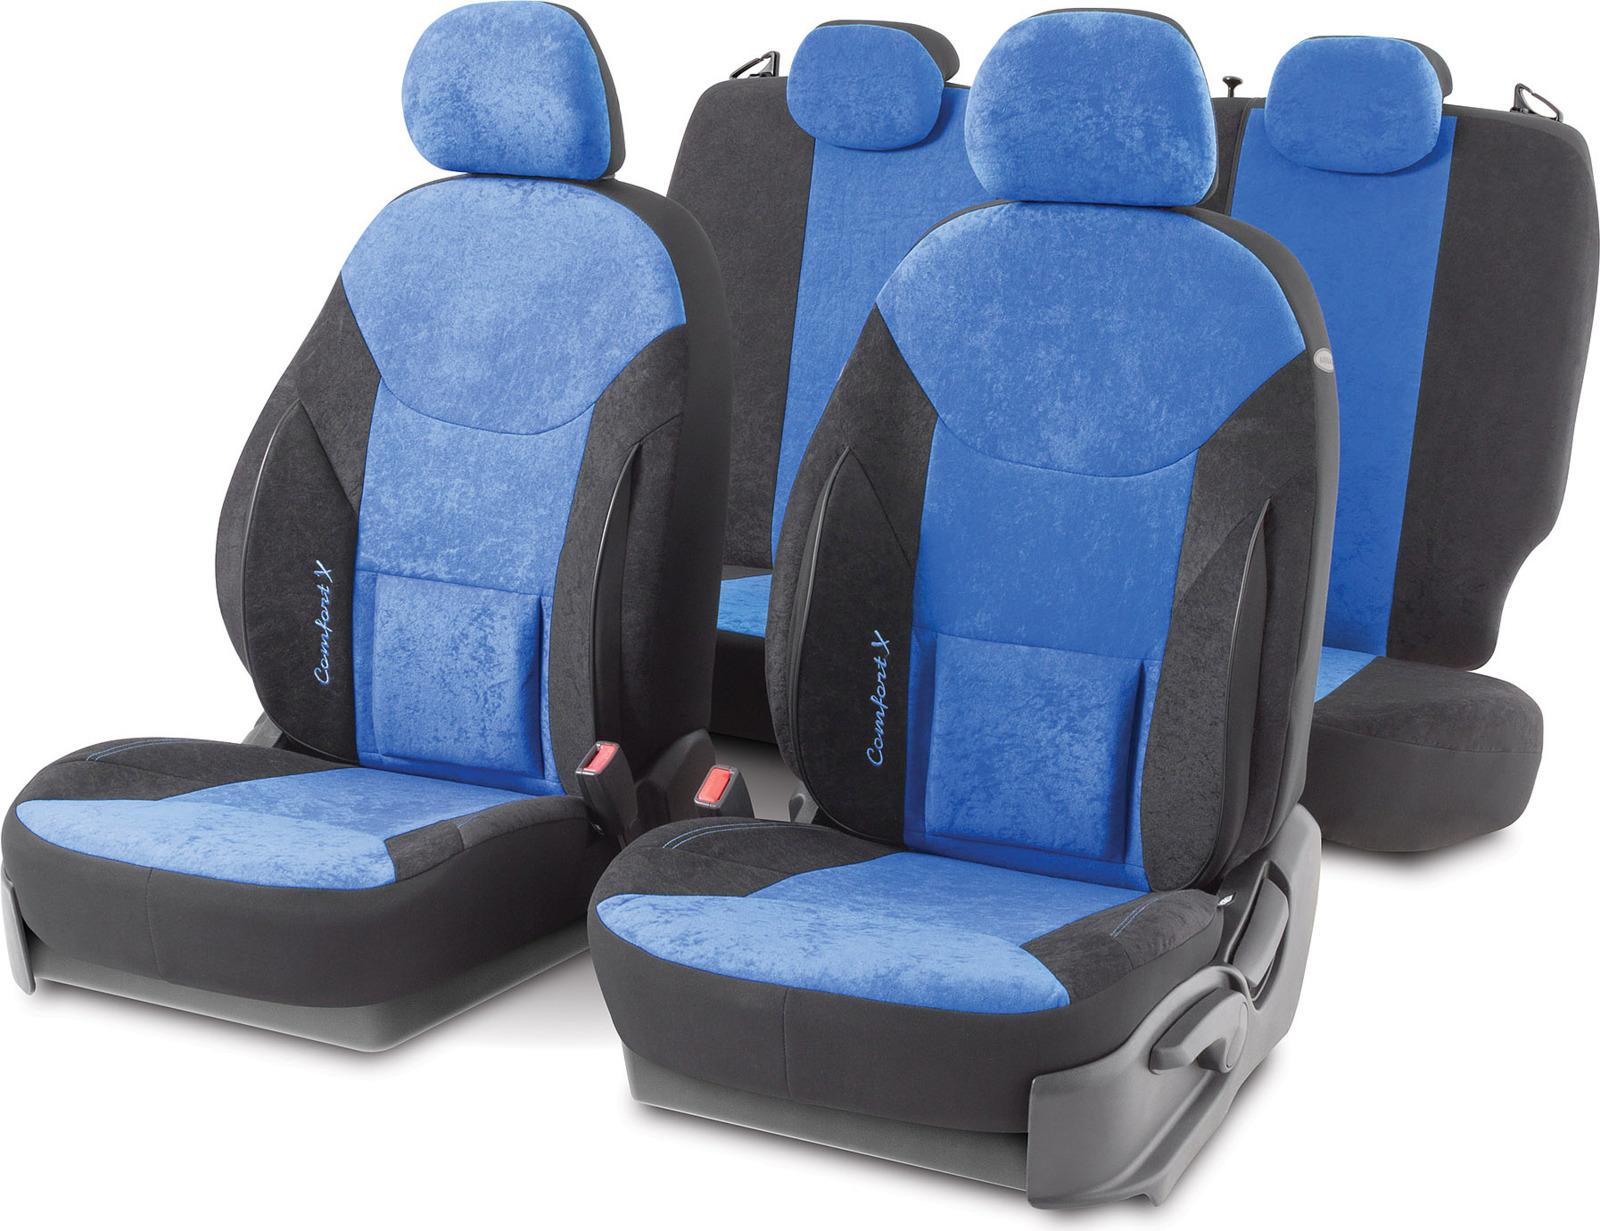 Авточехлы Autoprofi Comfort X, цвет: черный, синий, 15 предметов. COM-1505VF BK/BL